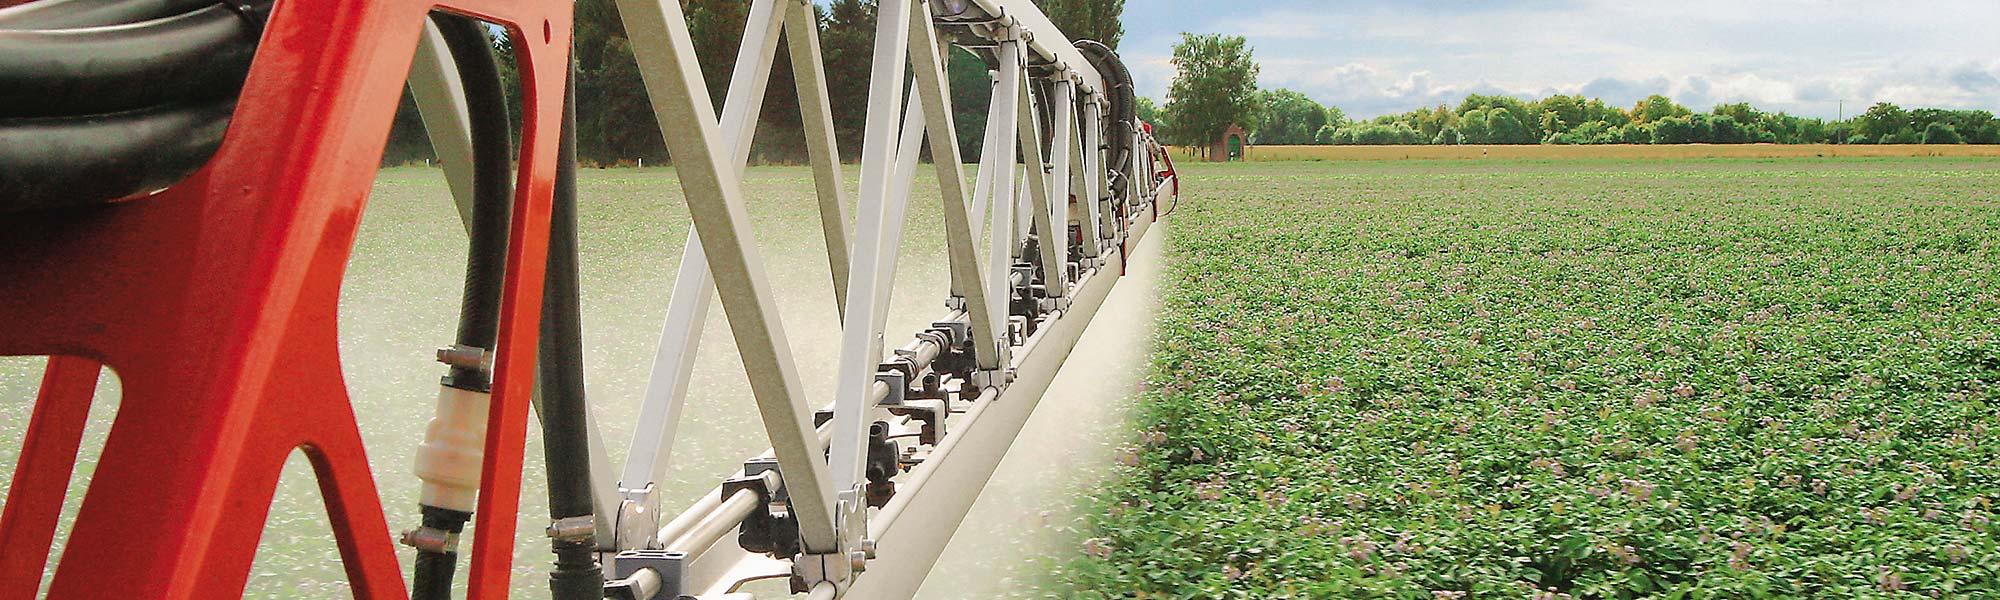 Vicon produktgenomgång gödningsspridare och sprutor